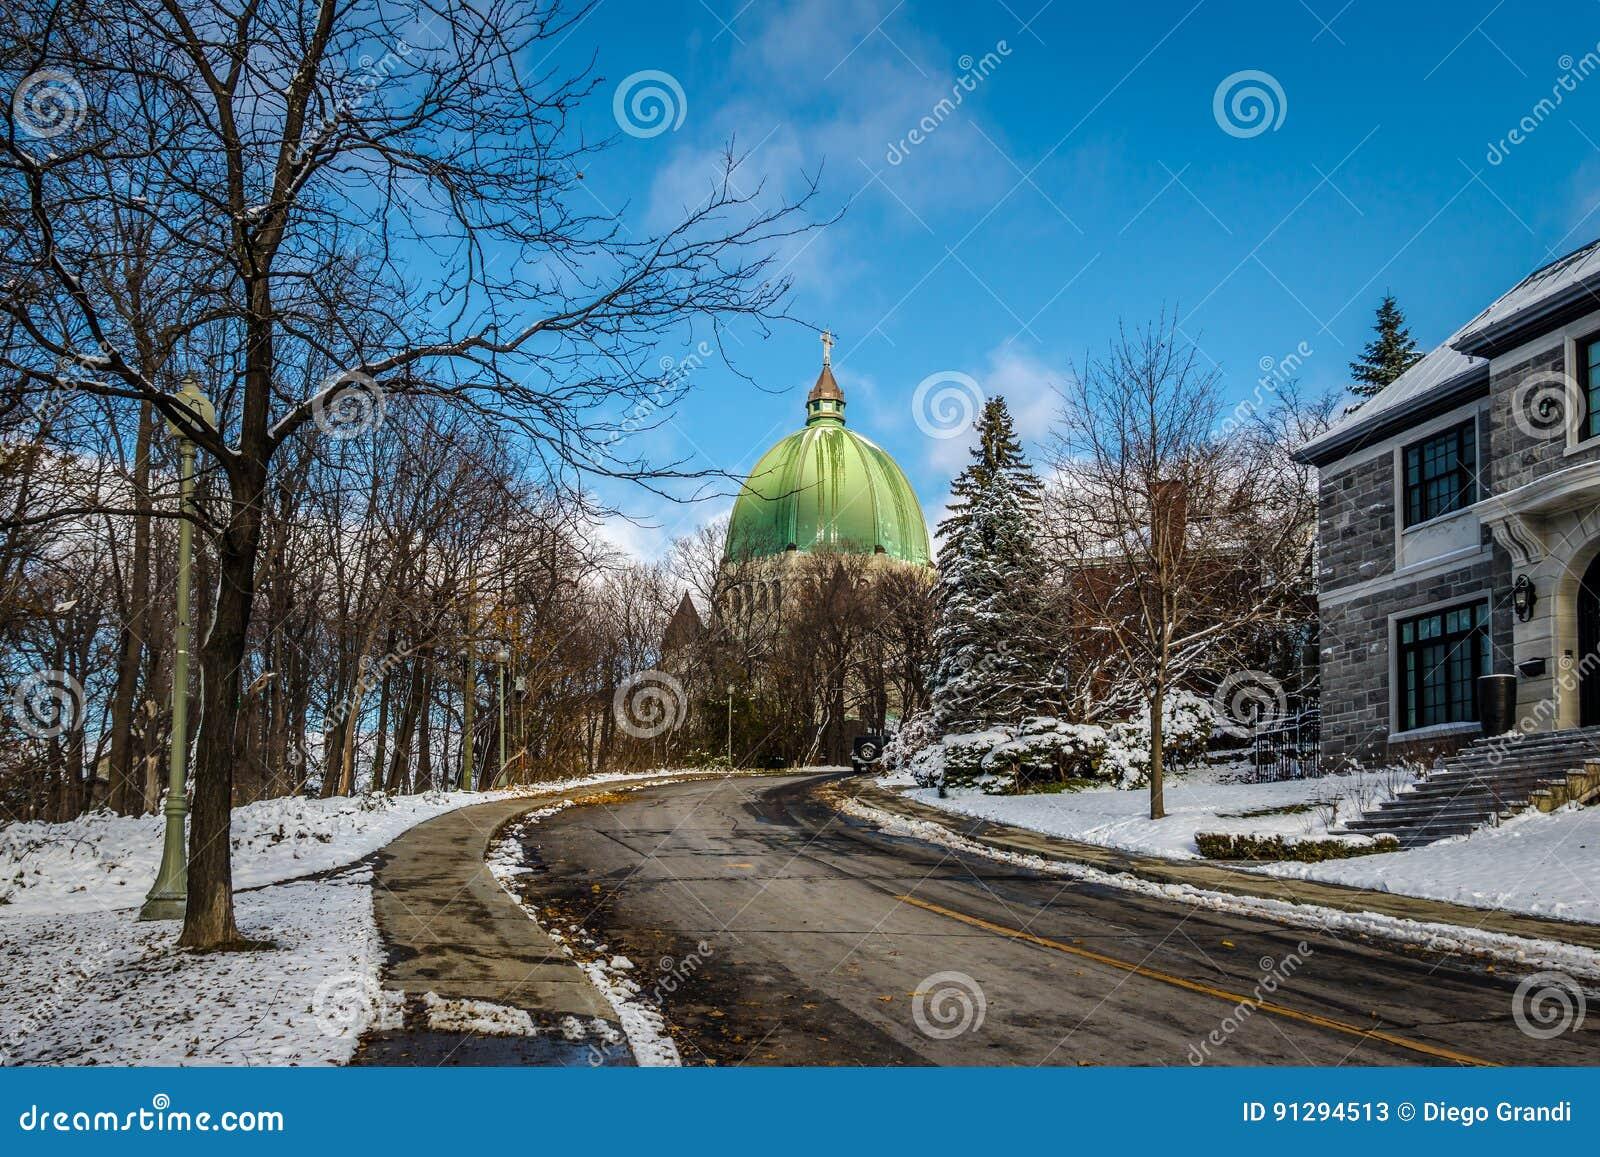 街道在以圣徒Josephs讲说术圆顶-蒙特利尔,魁北克,加拿大为目的蒙特利尔